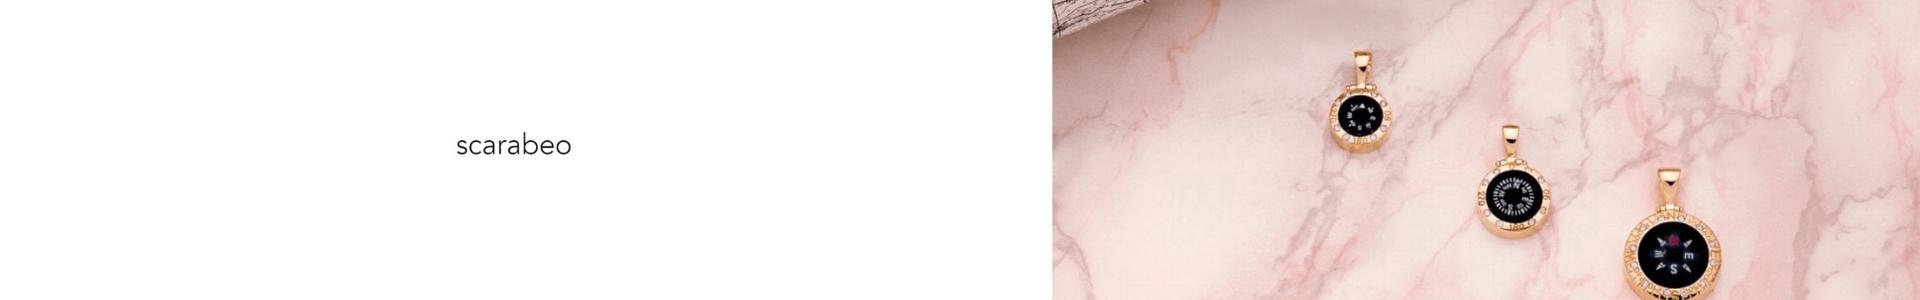 scarabeo gioielli bussole acquista on line con codice sconto